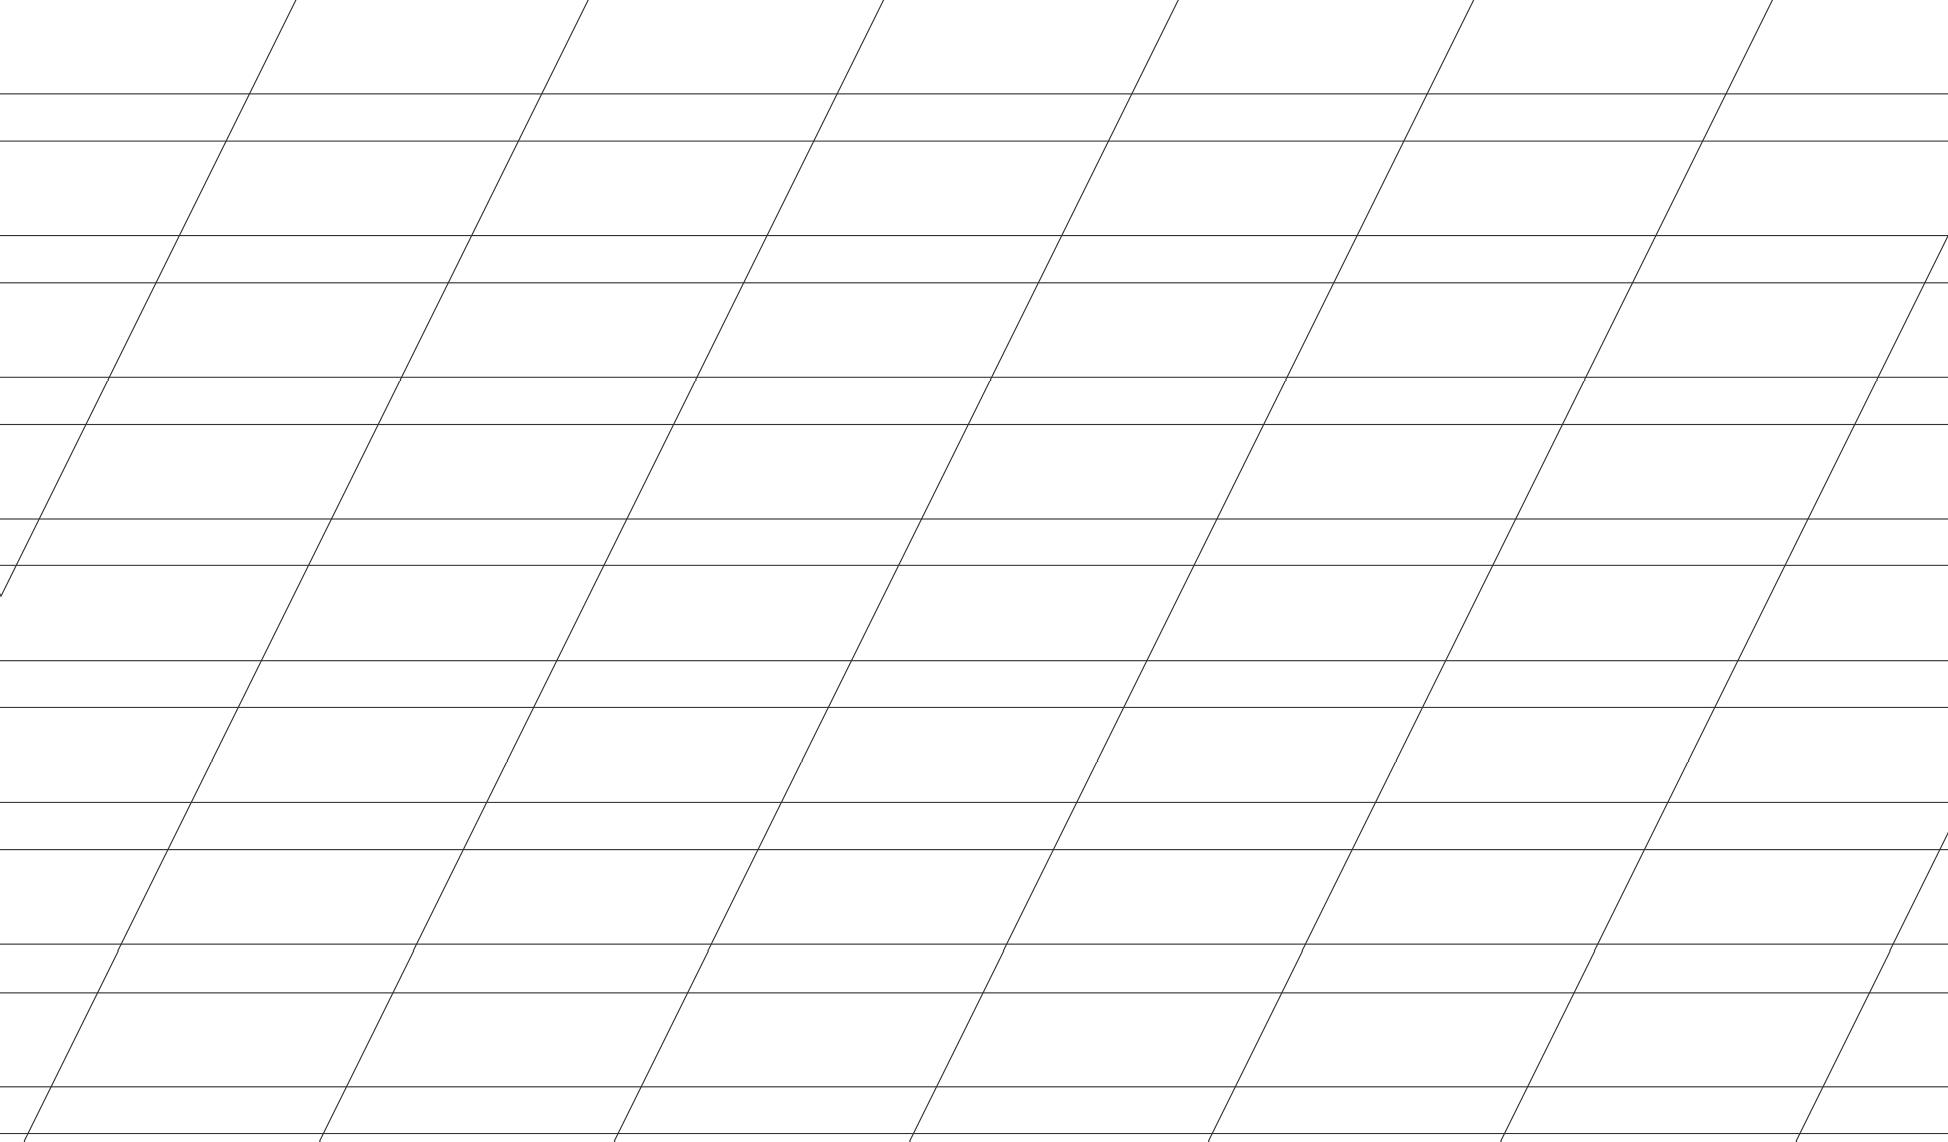 Контрольно оценочные материалы по учебному предмету Русский язык  hello html 1c8eef8f png